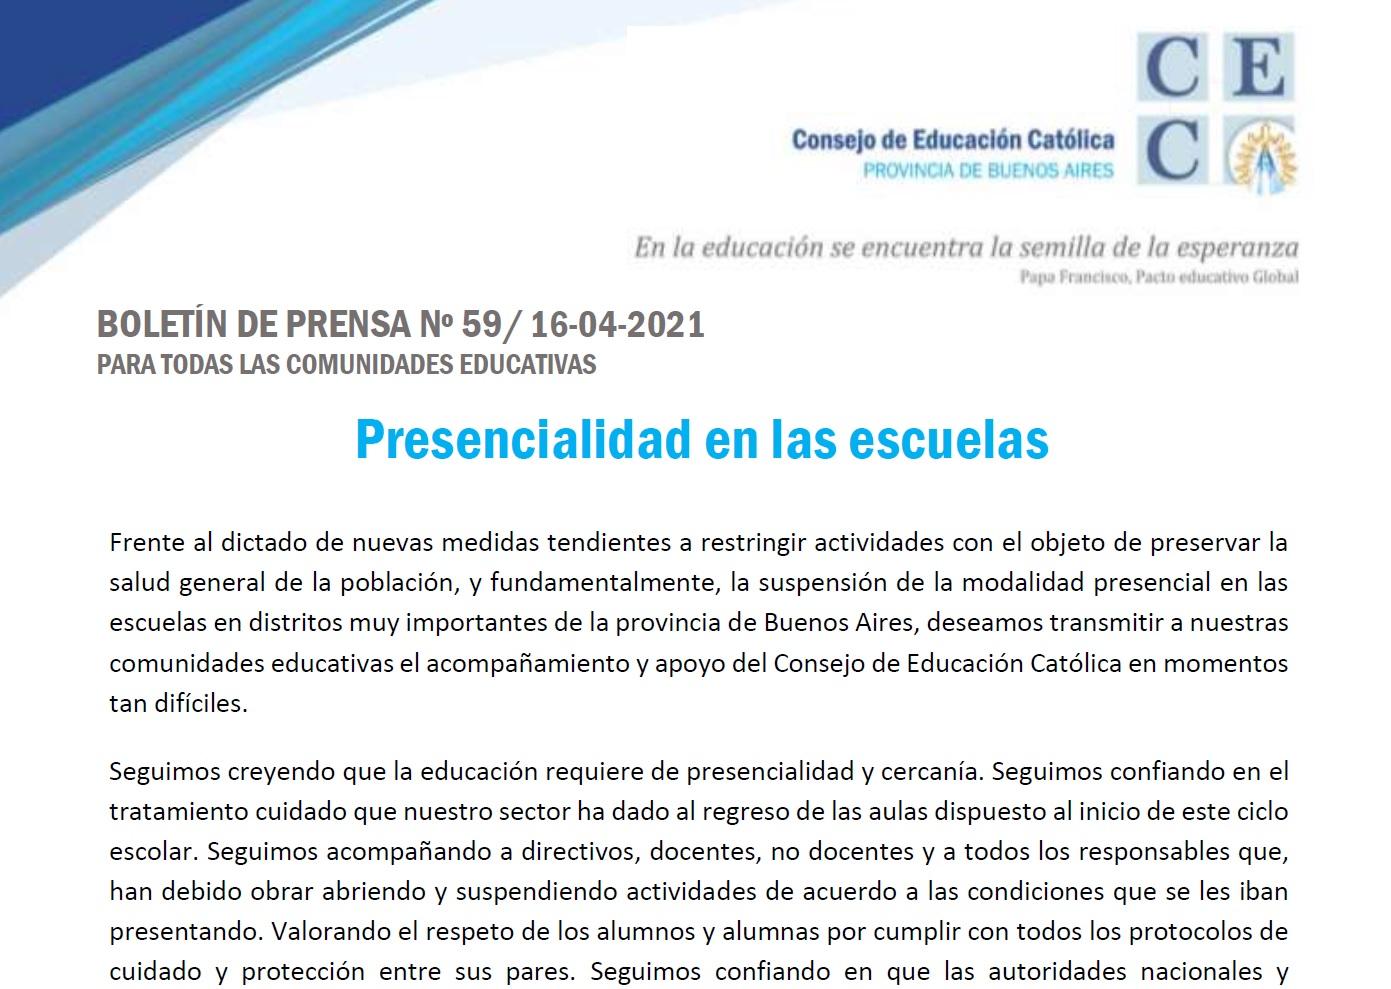 Comunicado del CEC: Presencialidad en las escuelas